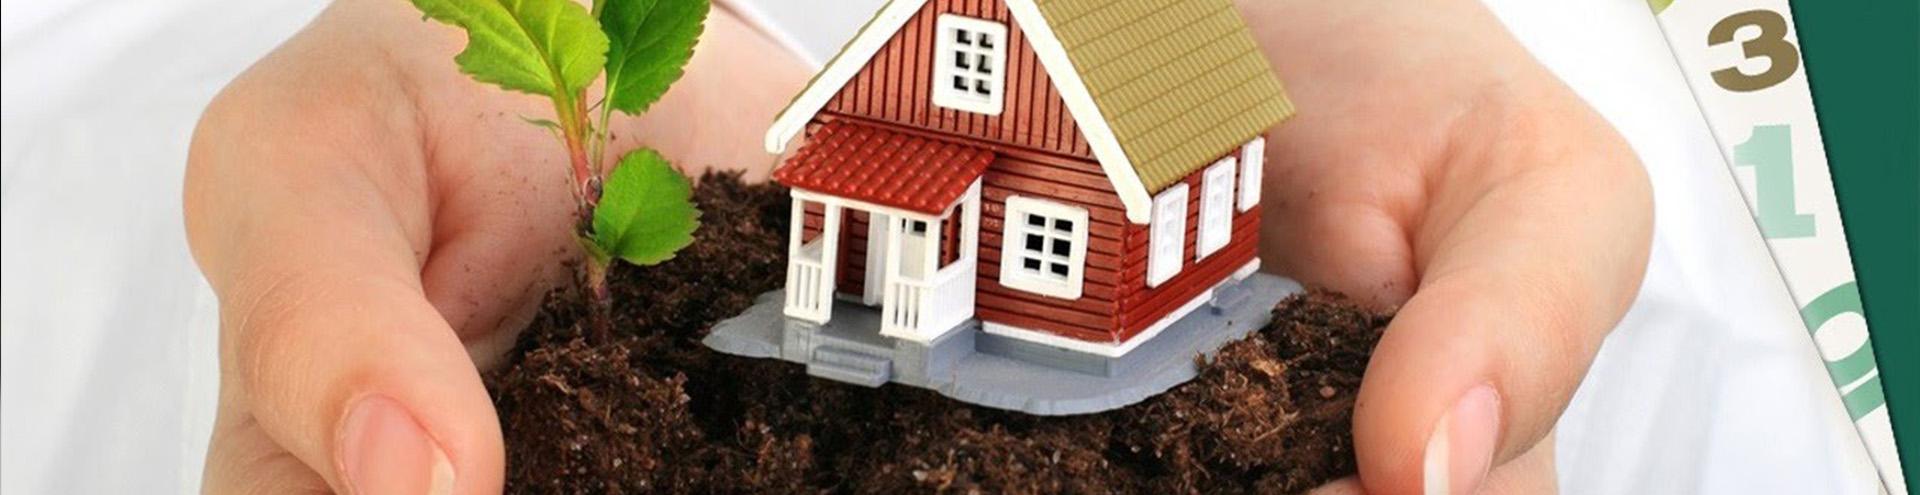 права собственности по приобретательной давности в Калуге